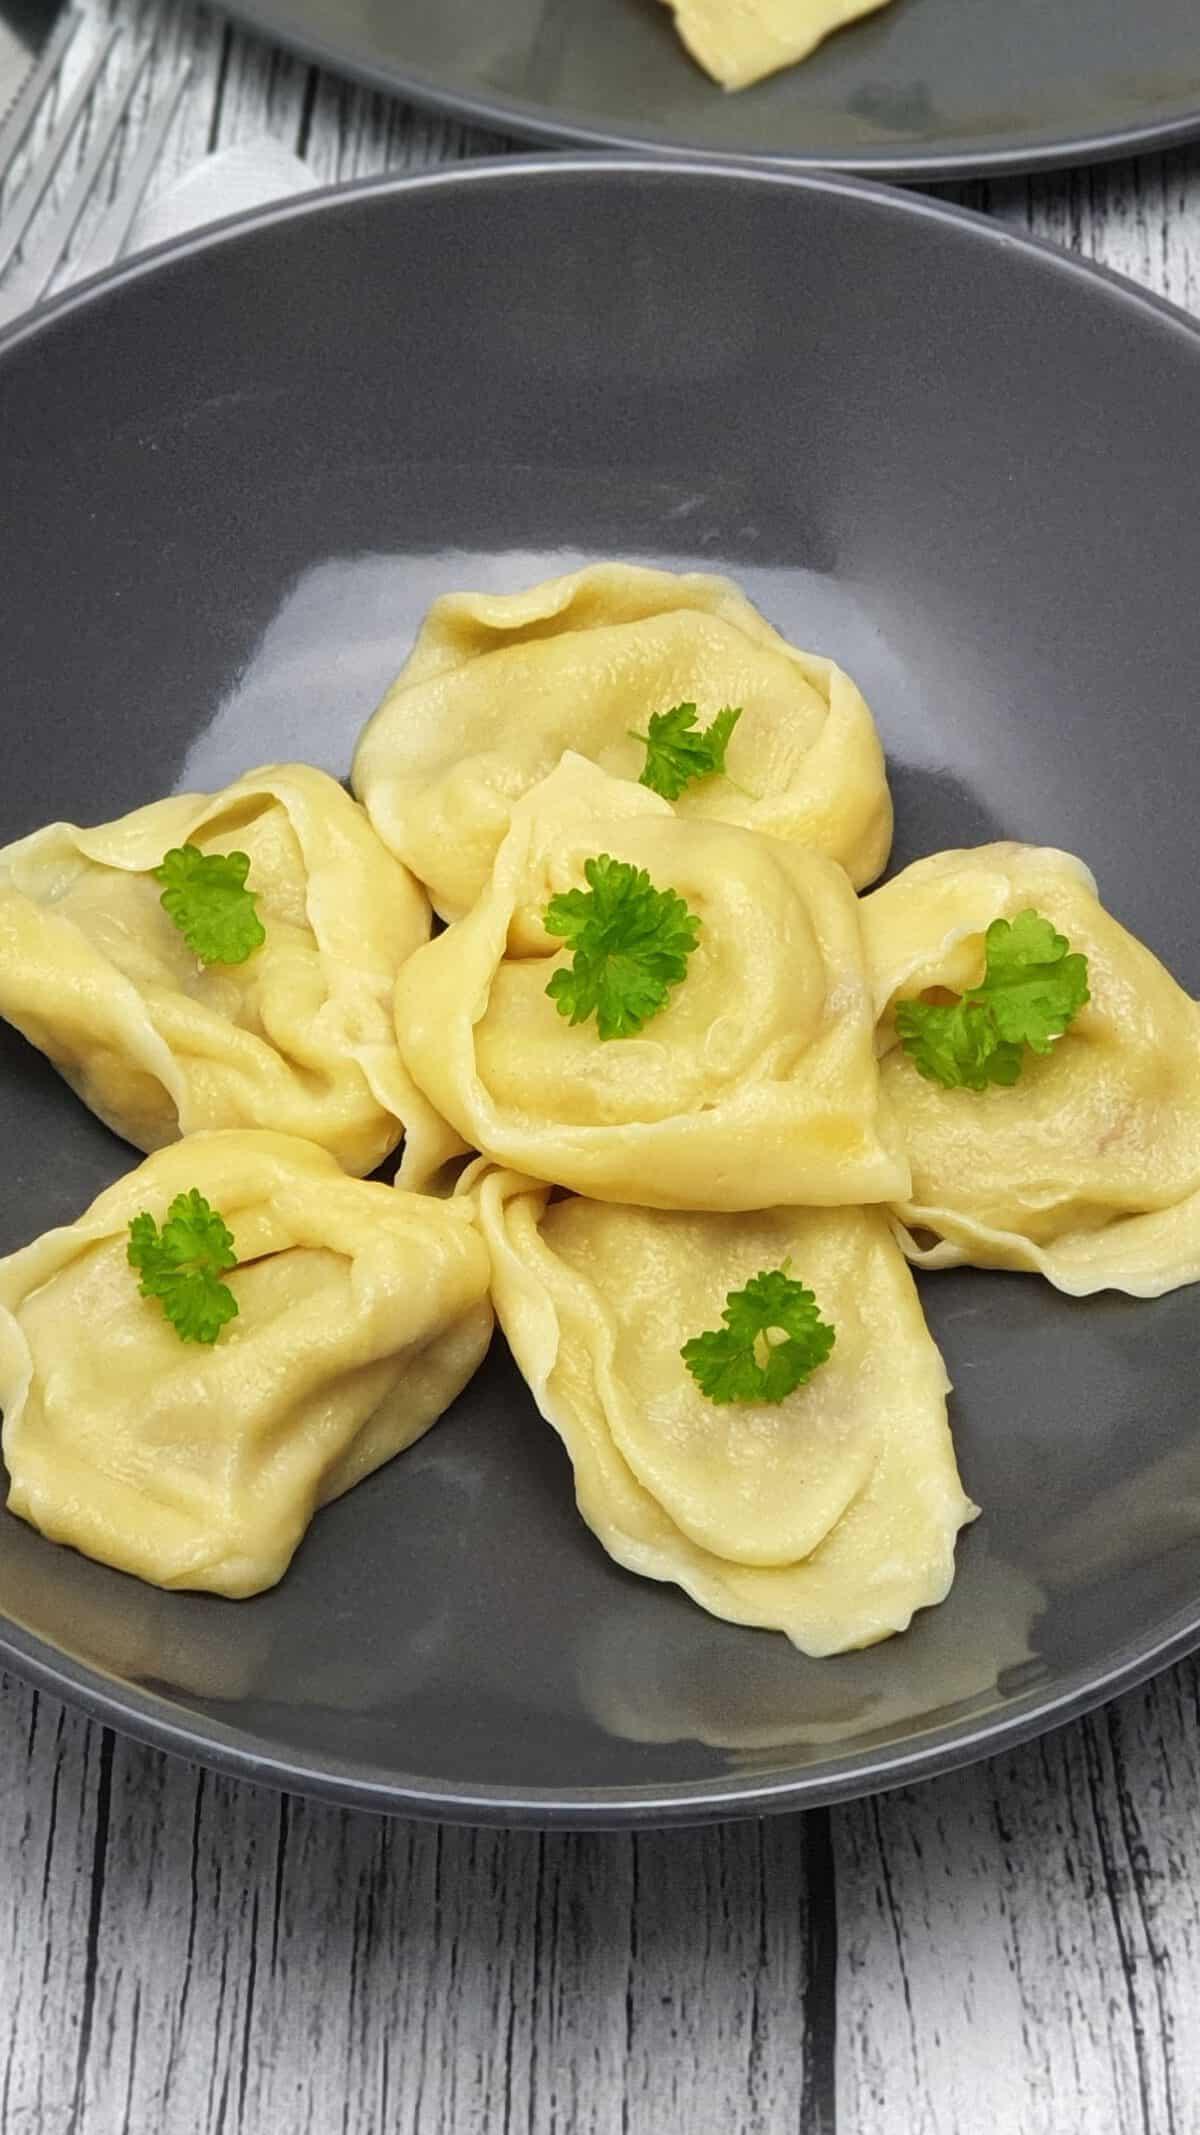 Gefüllte Teigtaschen auch Wareniki genannt auf einem grauen Teller serviert. mit Petersilie bestreut.